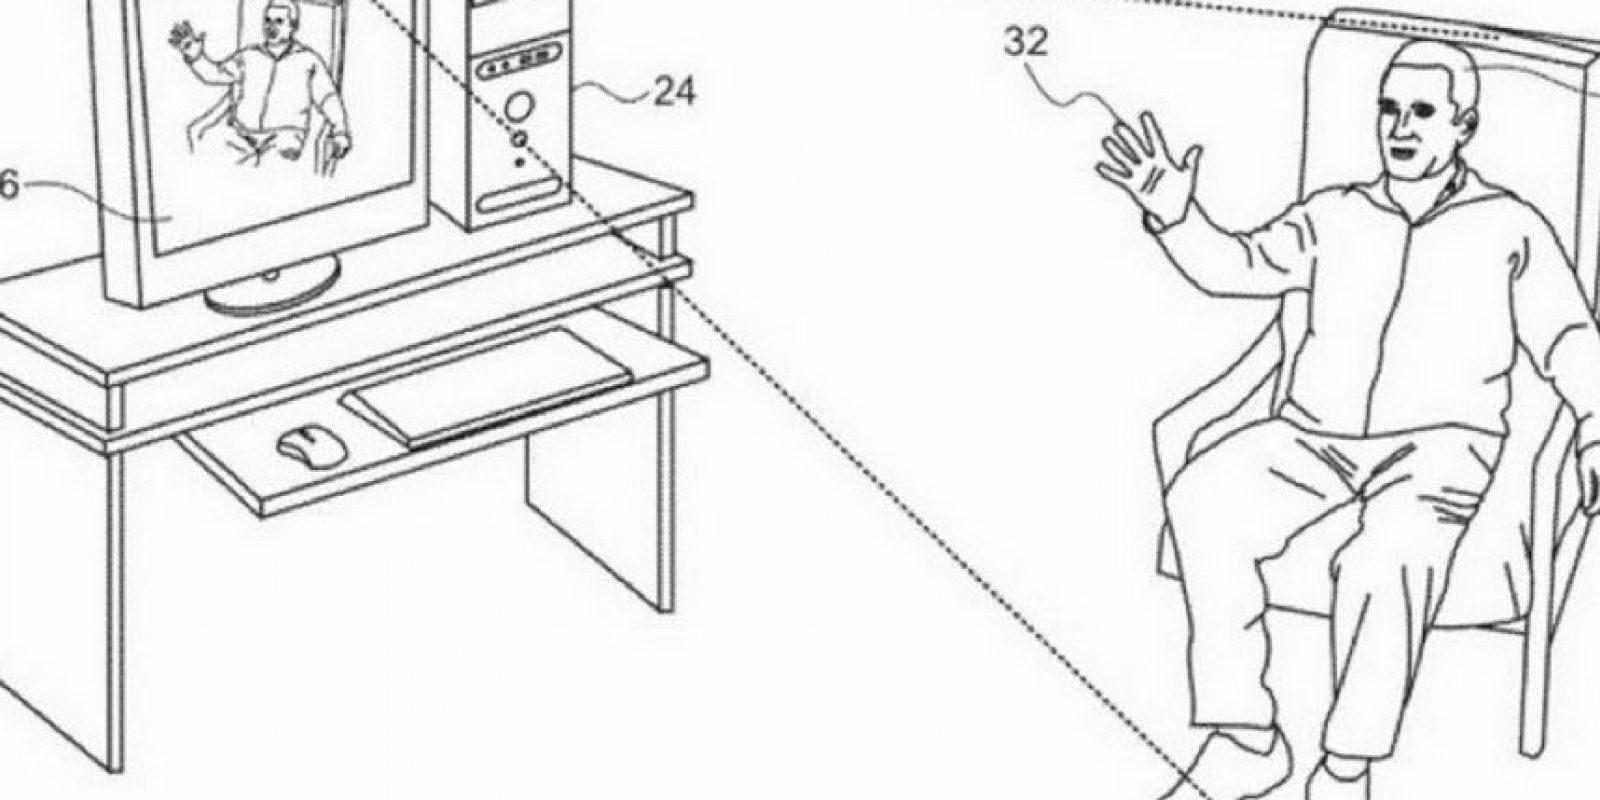 Apple ha conseguido una patente relacionada con tecnología de mapeo en 3D Foto:Appleinsider